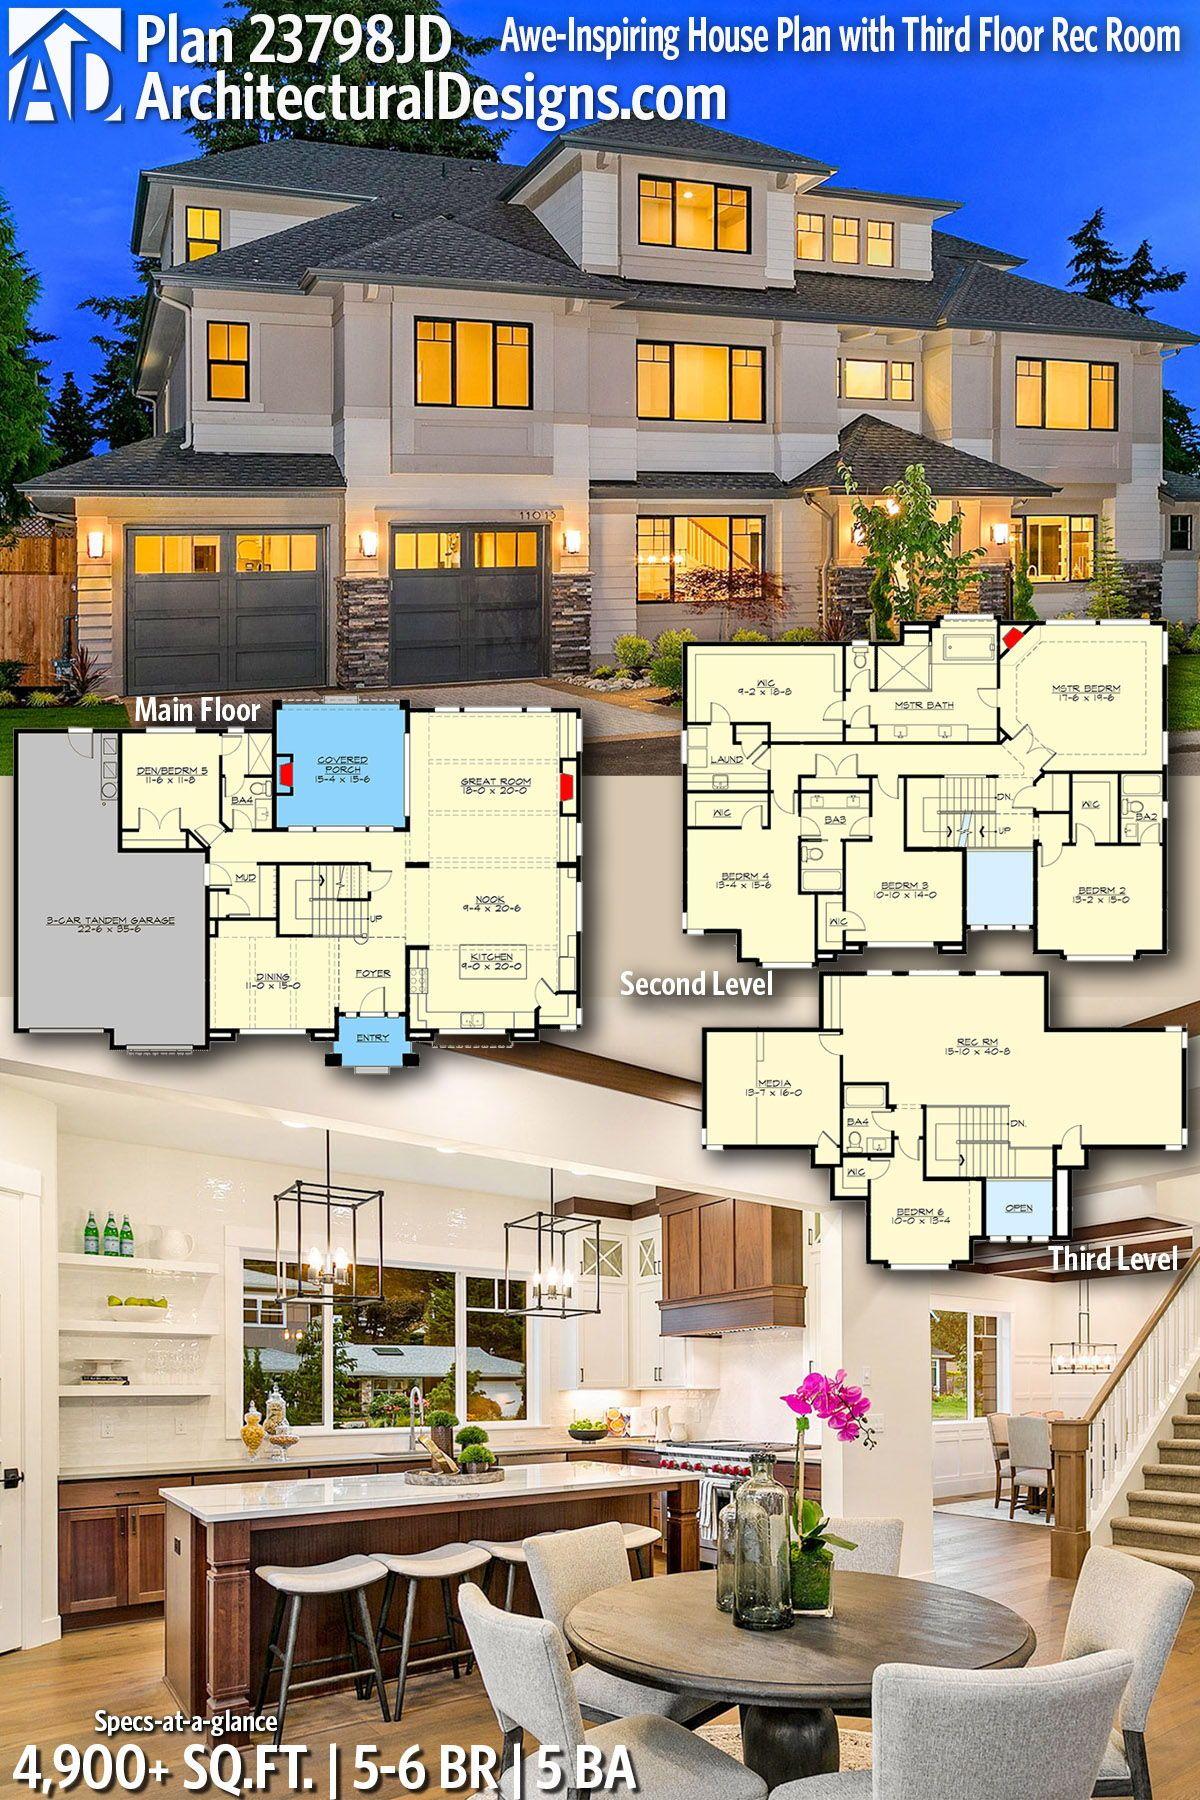 Plan 23798jd Awe Inspiring House Plan With Third Floor Rec Room House Plans Modern House Plans House Blueprints